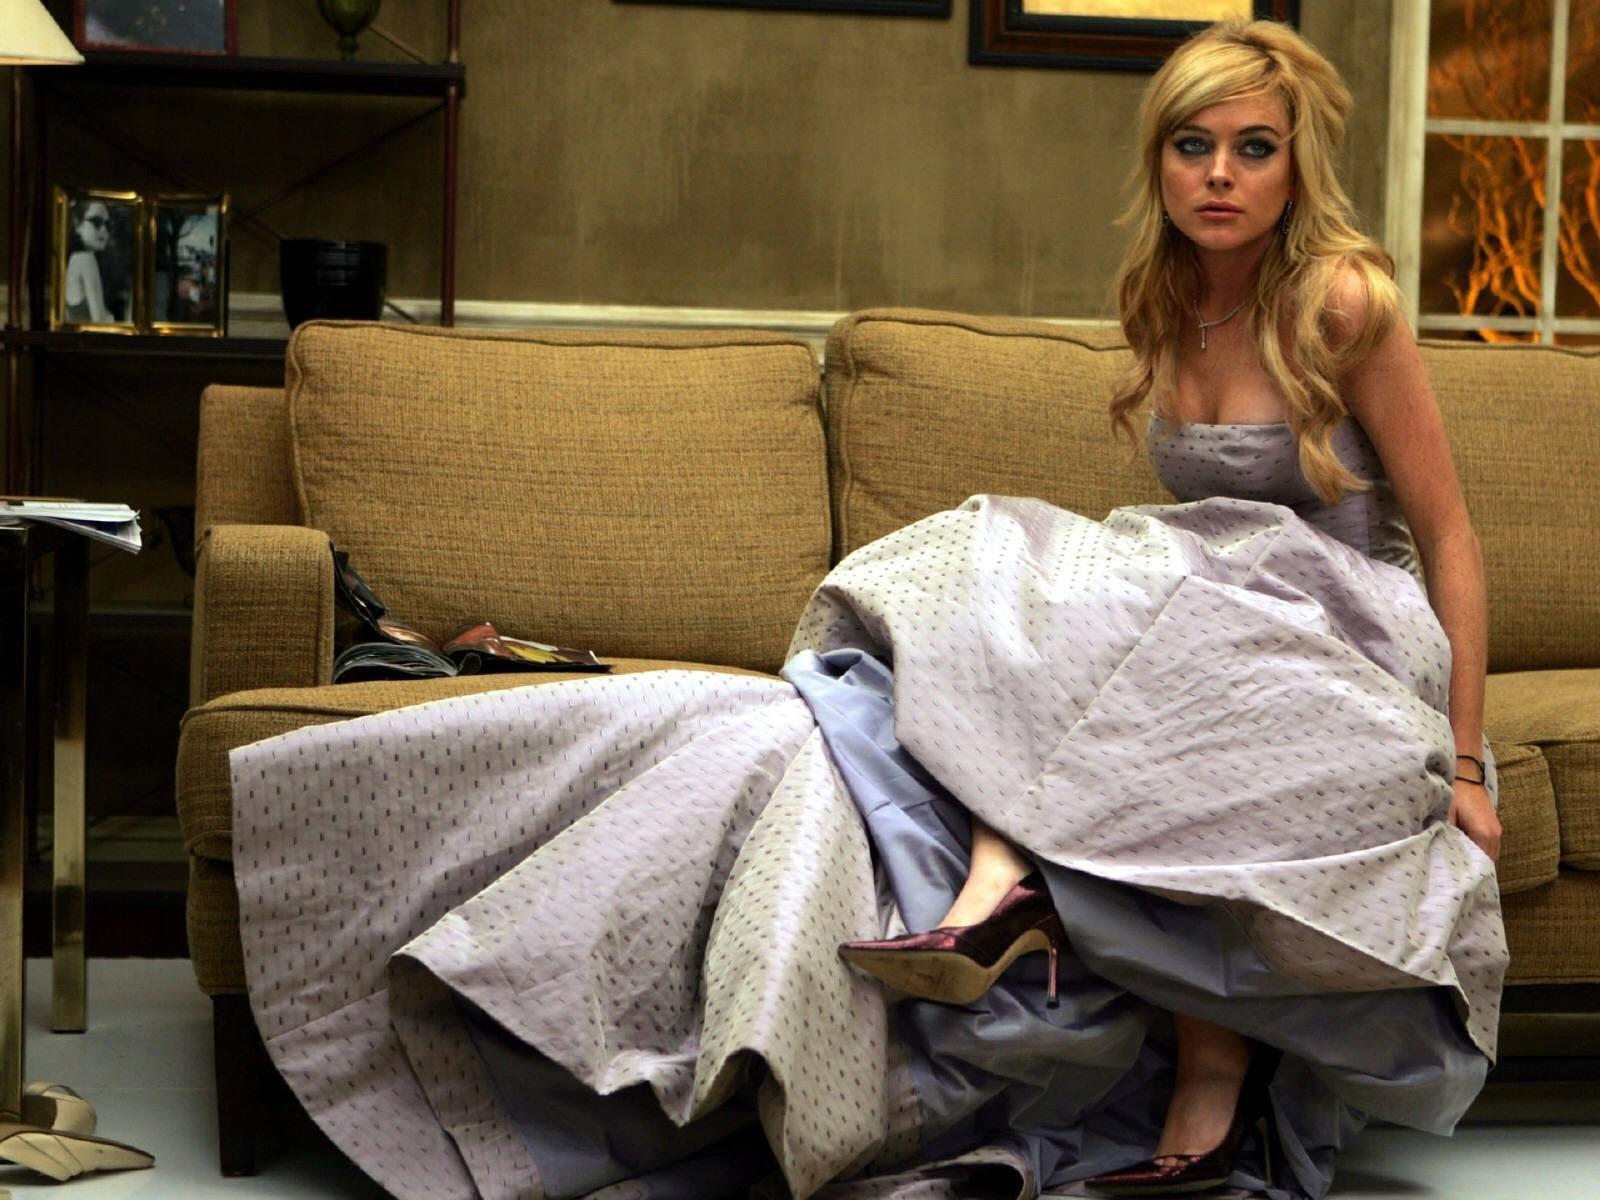 Wallpaper di Lindsay Lohan, superglamour in uno dei suoi tanti servizi fotografici